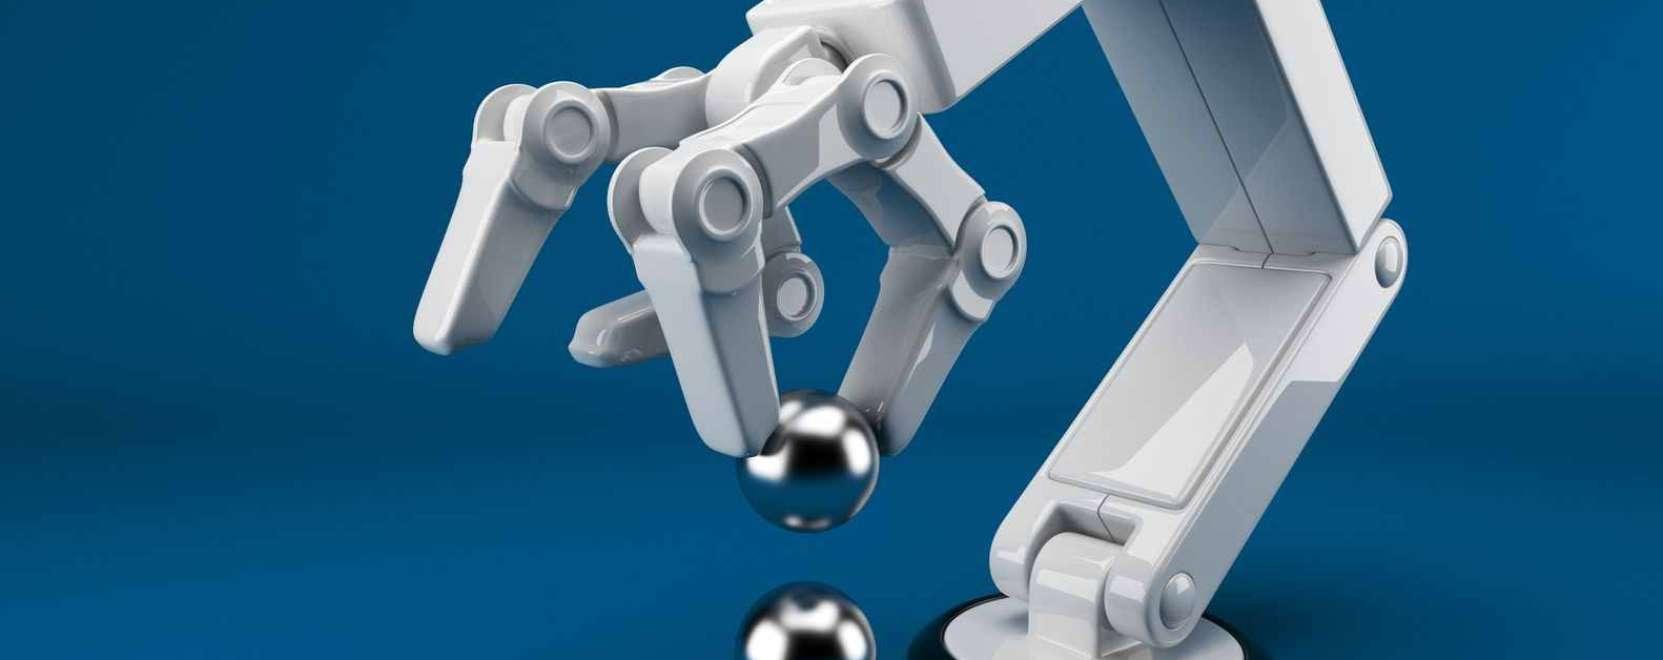 Az ember és robot közötti együttműködés a gyártásban | KUKA AG